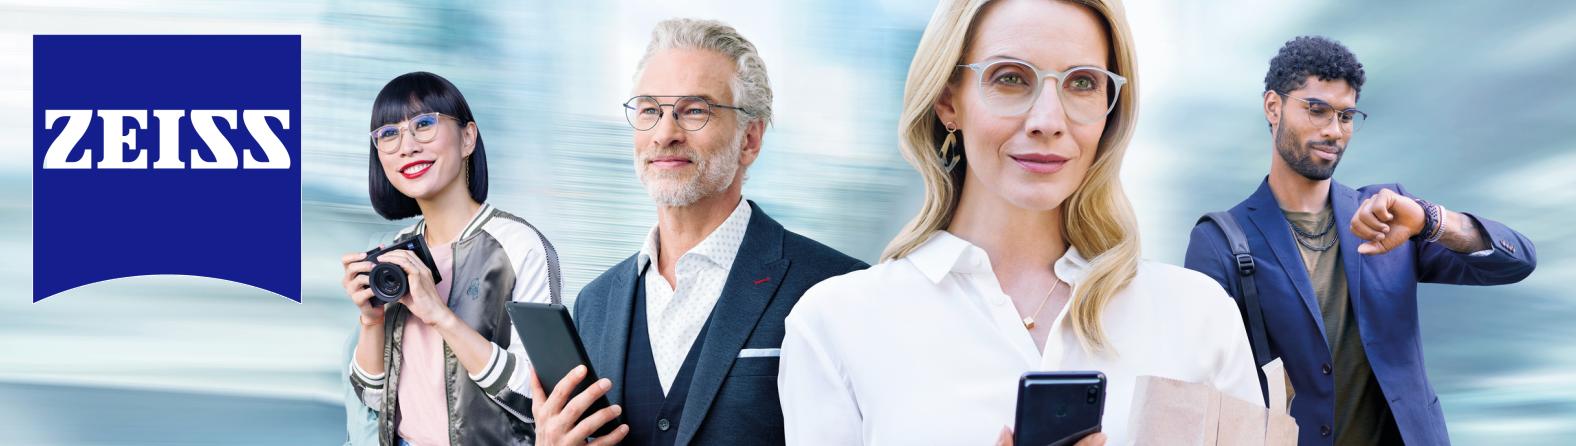 Nejlepší multifokální brýlové čočky ZEISS Progressive SmartLife Individual DuraVision Platinum UV pro ostré vidění na všechny vzdálenosti.